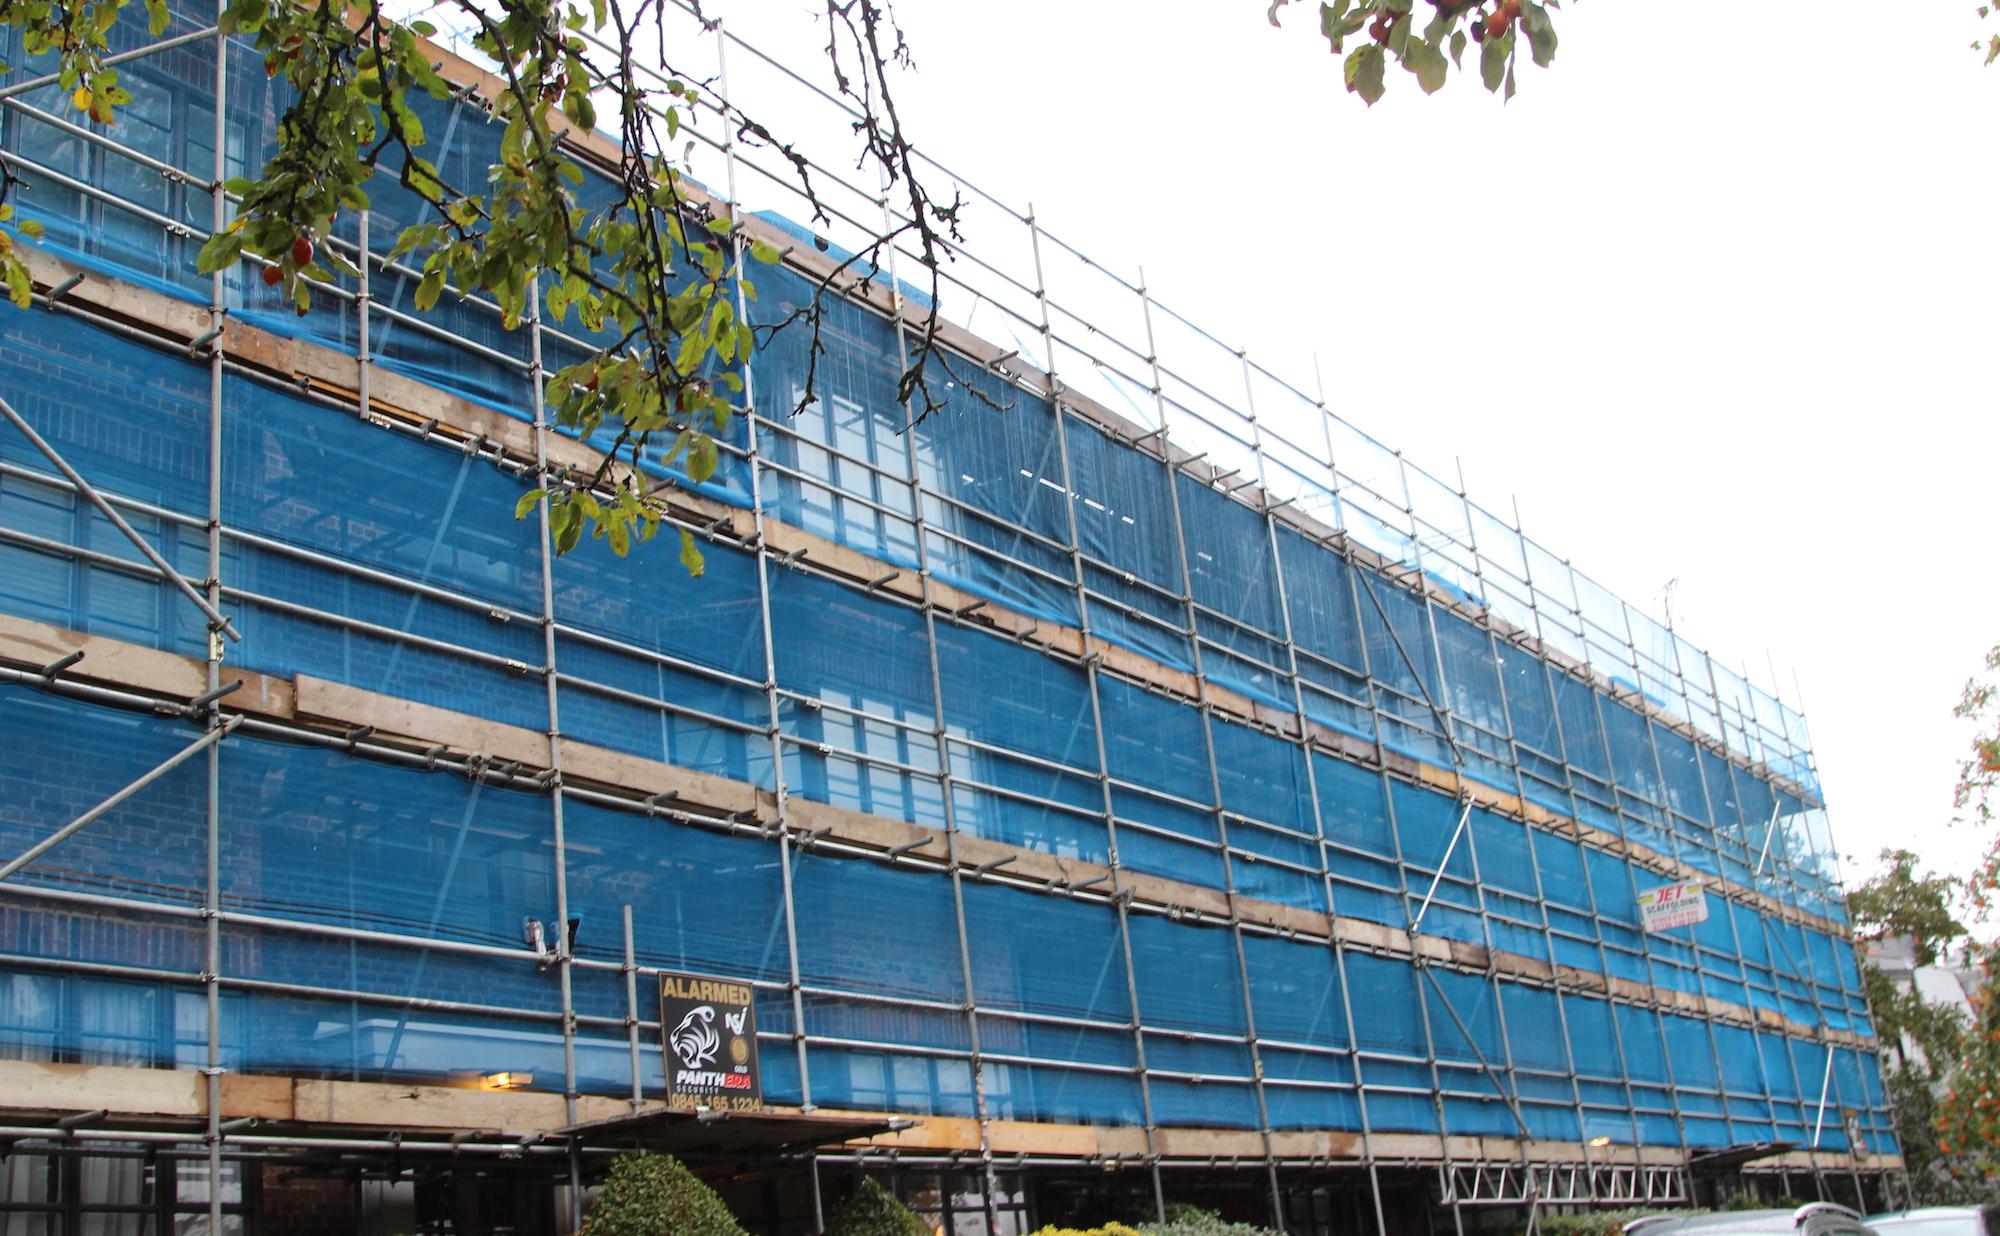 jet scaffolding in london